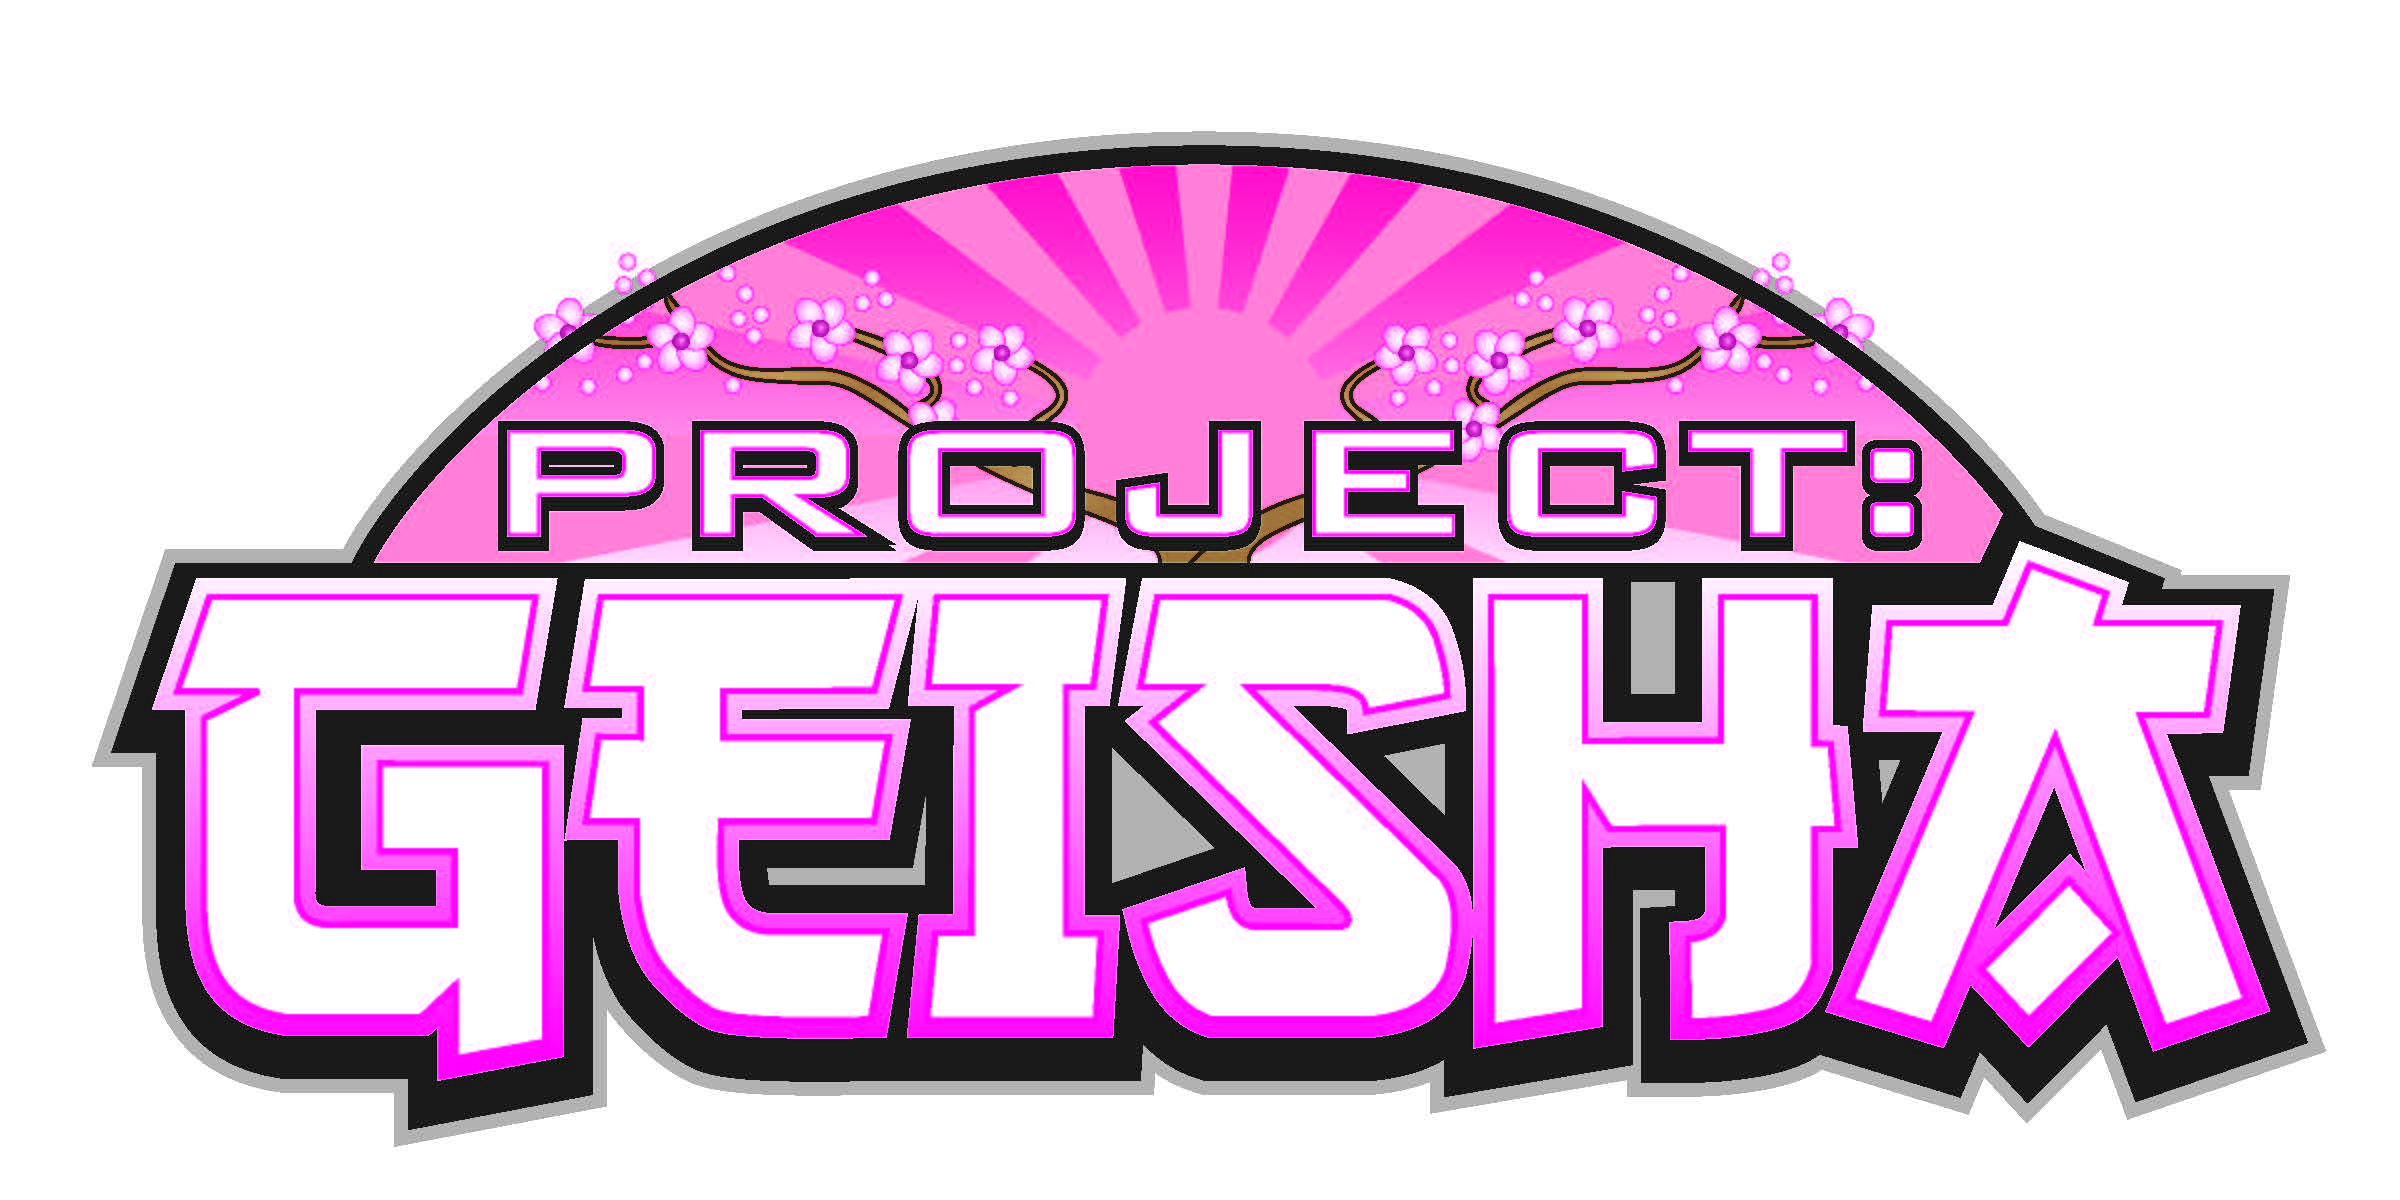 ProjectGeisha_Logo